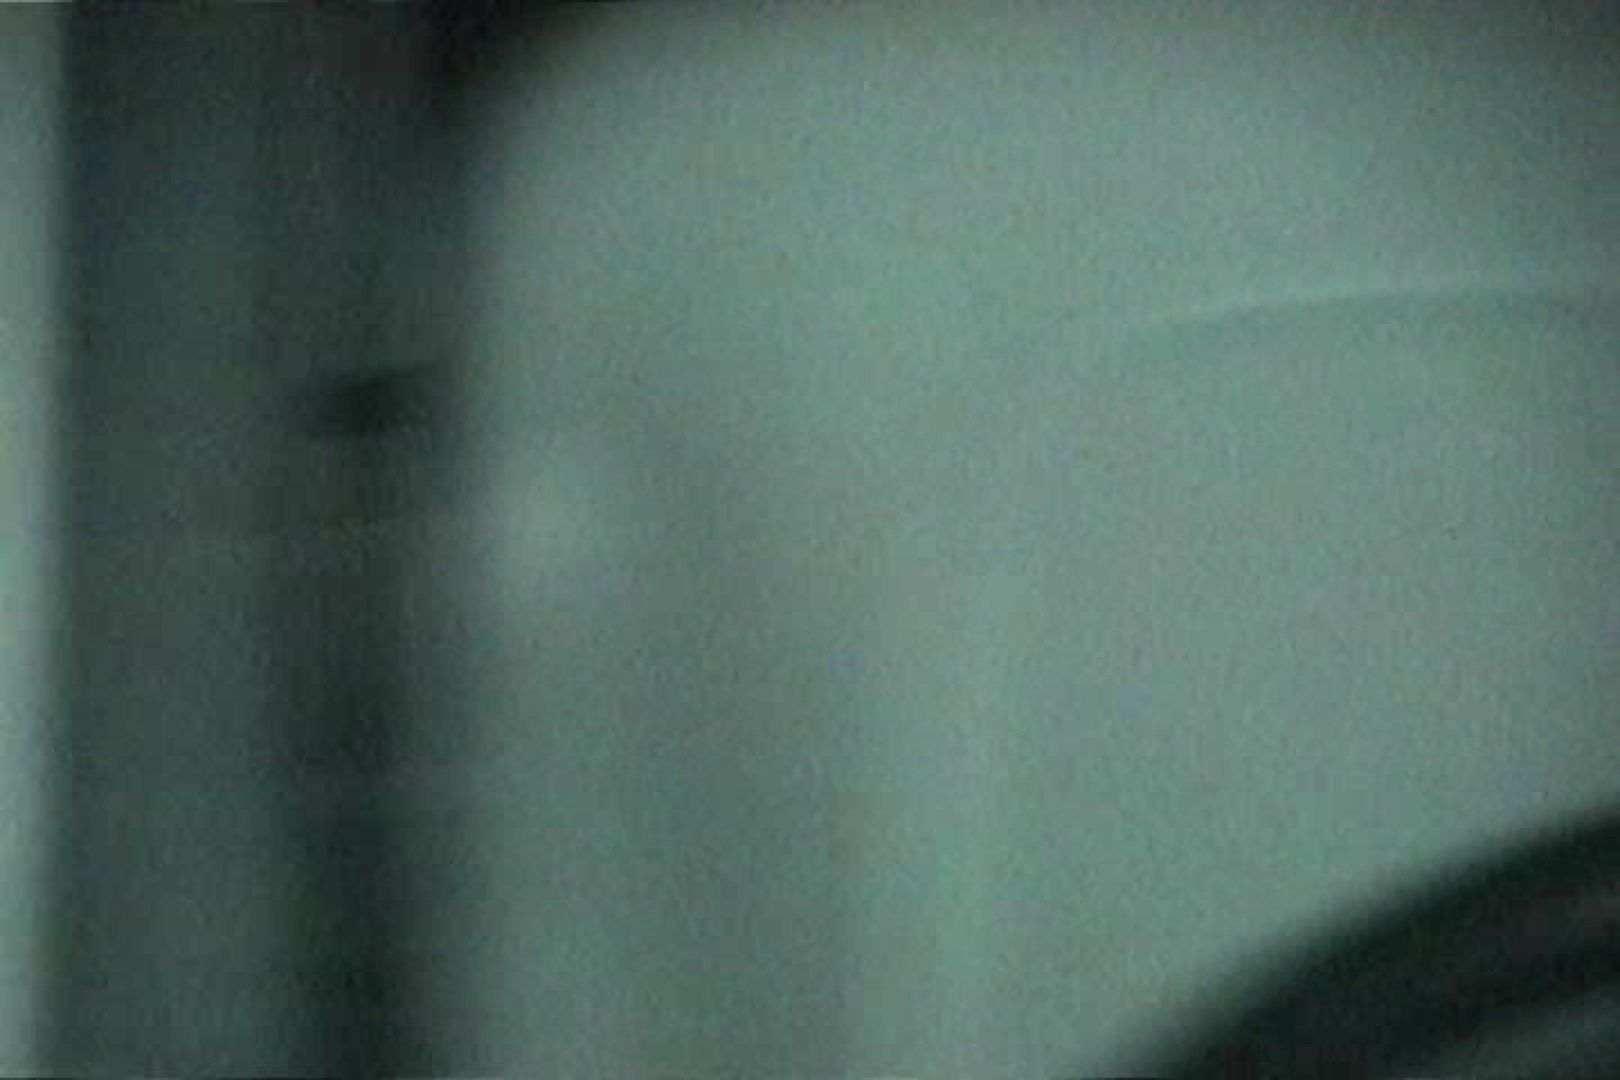 充血監督の深夜の運動会Vol.146 ハプニング SEX無修正画像 95連発 95